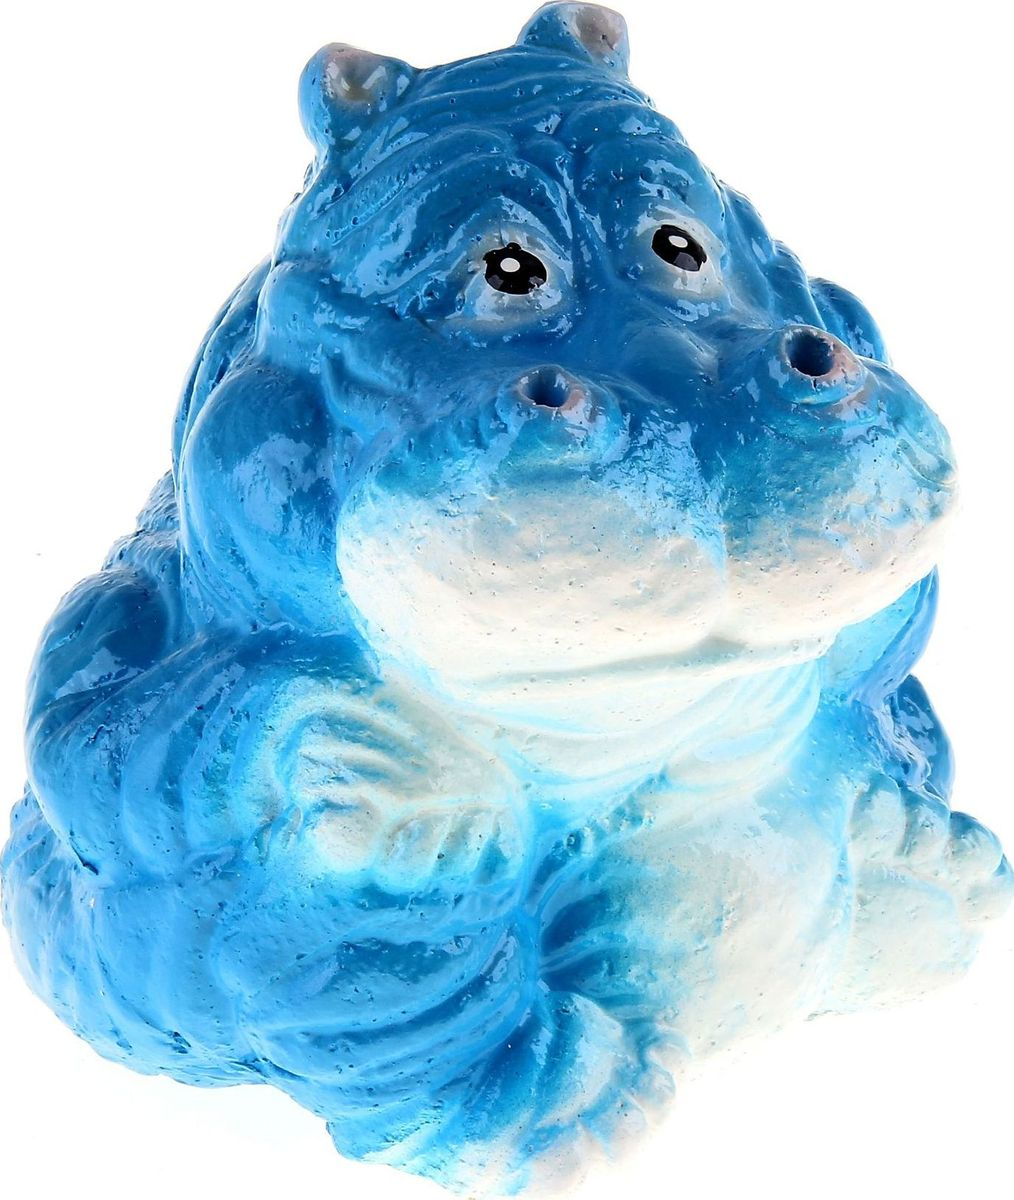 Копилка Бегемот, цвет: белый, синий, 14 х 14 х 16 см332508Копилка — универсальный вариант подарка любому человеку, ведь каждый из нас мечтает о какой-то дорогостоящей вещи и откладывает или собирается откладывать деньги на её приобретение. Вместительная копилка станет прекрасным хранителем сбережений и украшением интерьера. Она выглядит так ярко и эффектно, что проходя мимо, обязательно захочется забросить пару монет.Обращаем ваше внимание, что копилка является одноразовой.